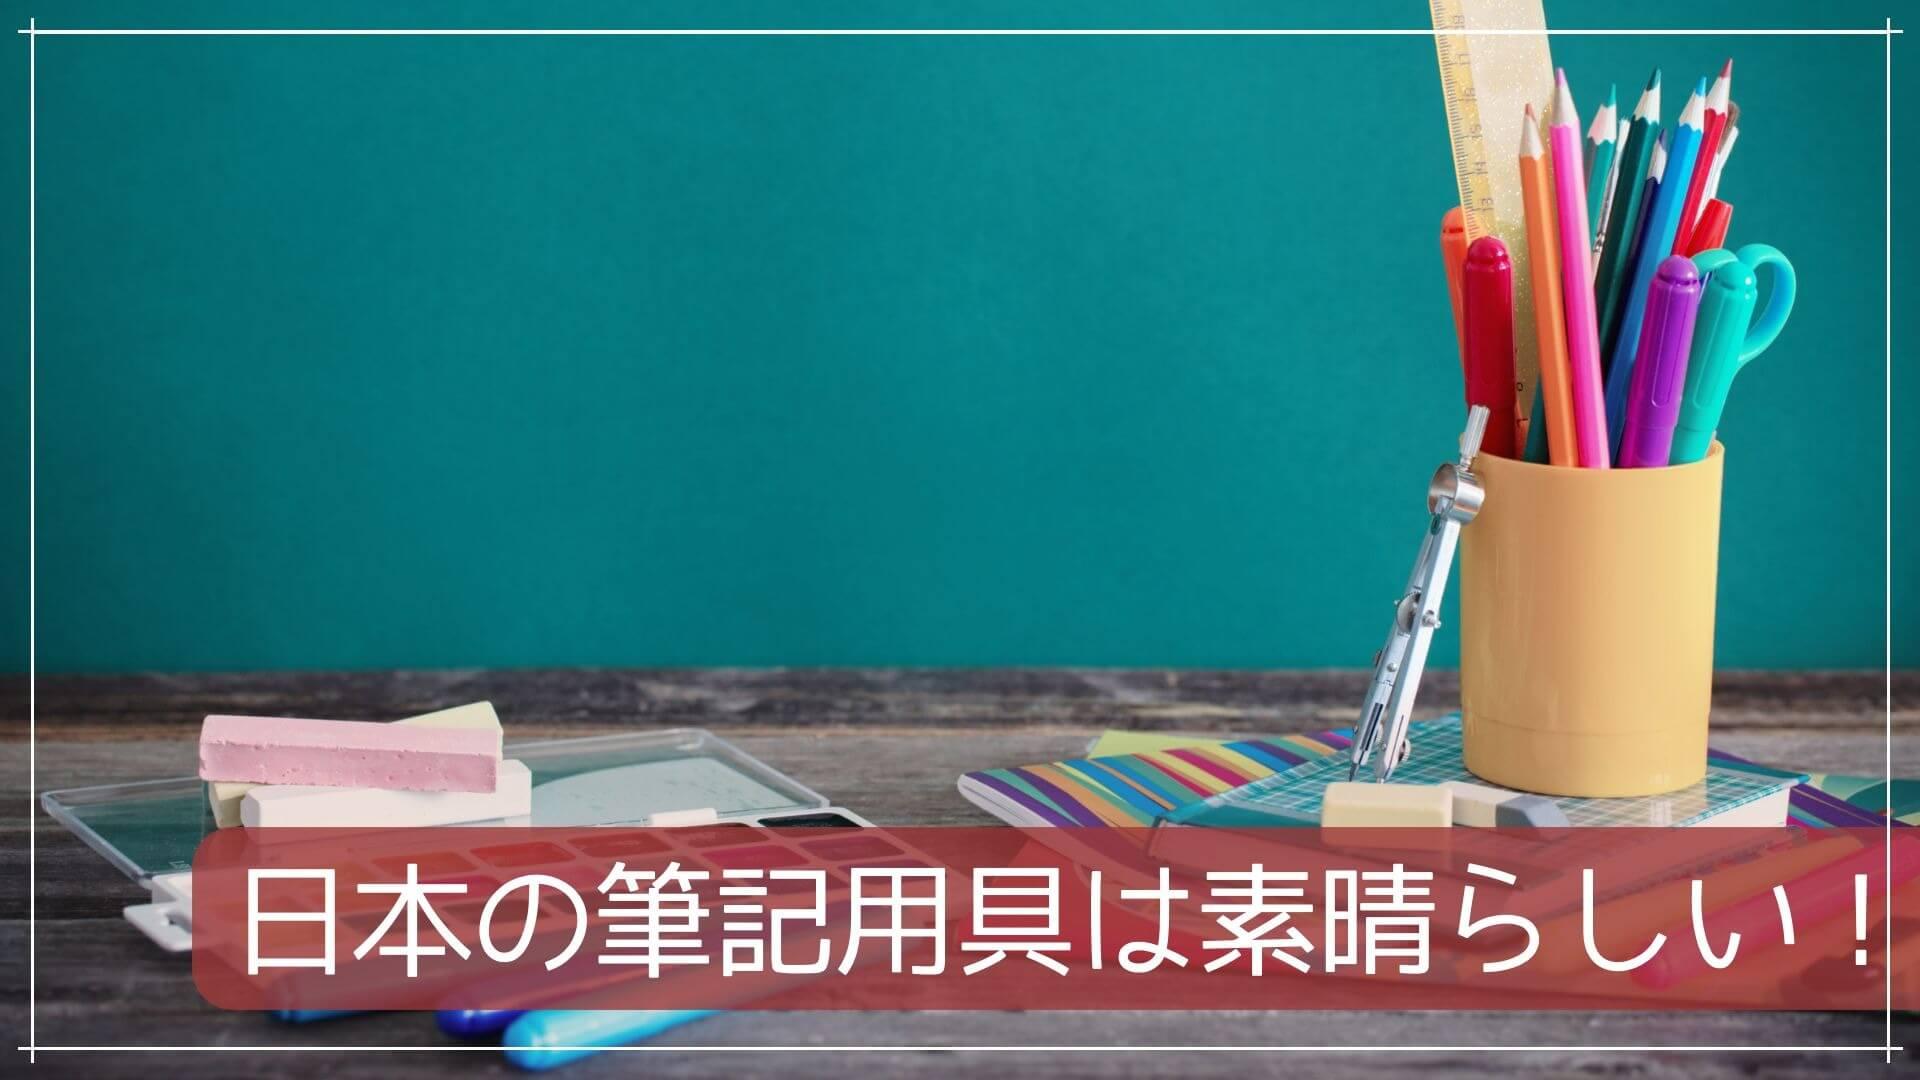 日本の筆記用具は素晴らしい!